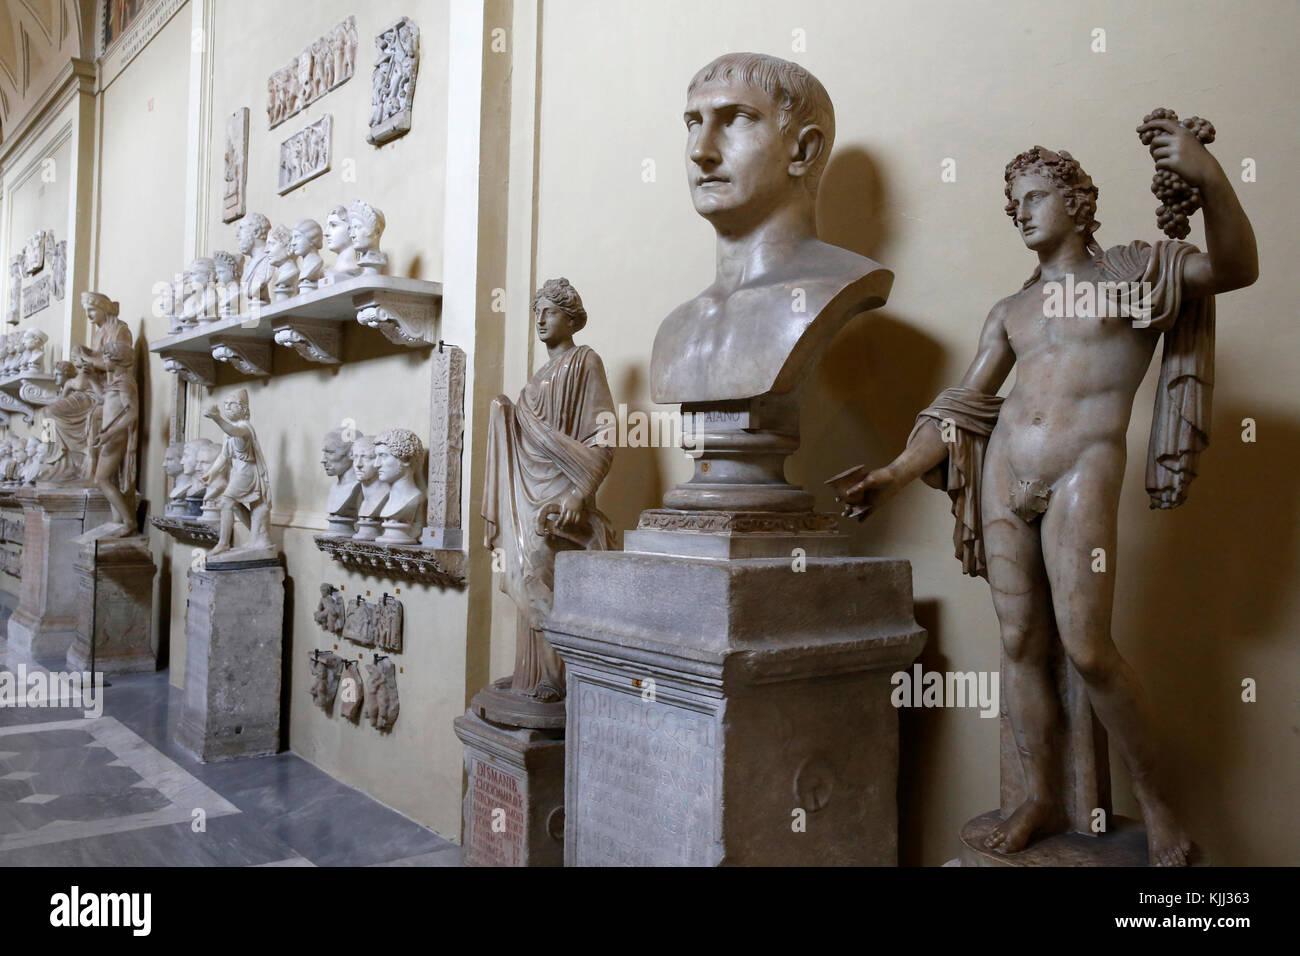 Vatican museums, Rome. Chiaramonti museum. Italy. - Stock Image